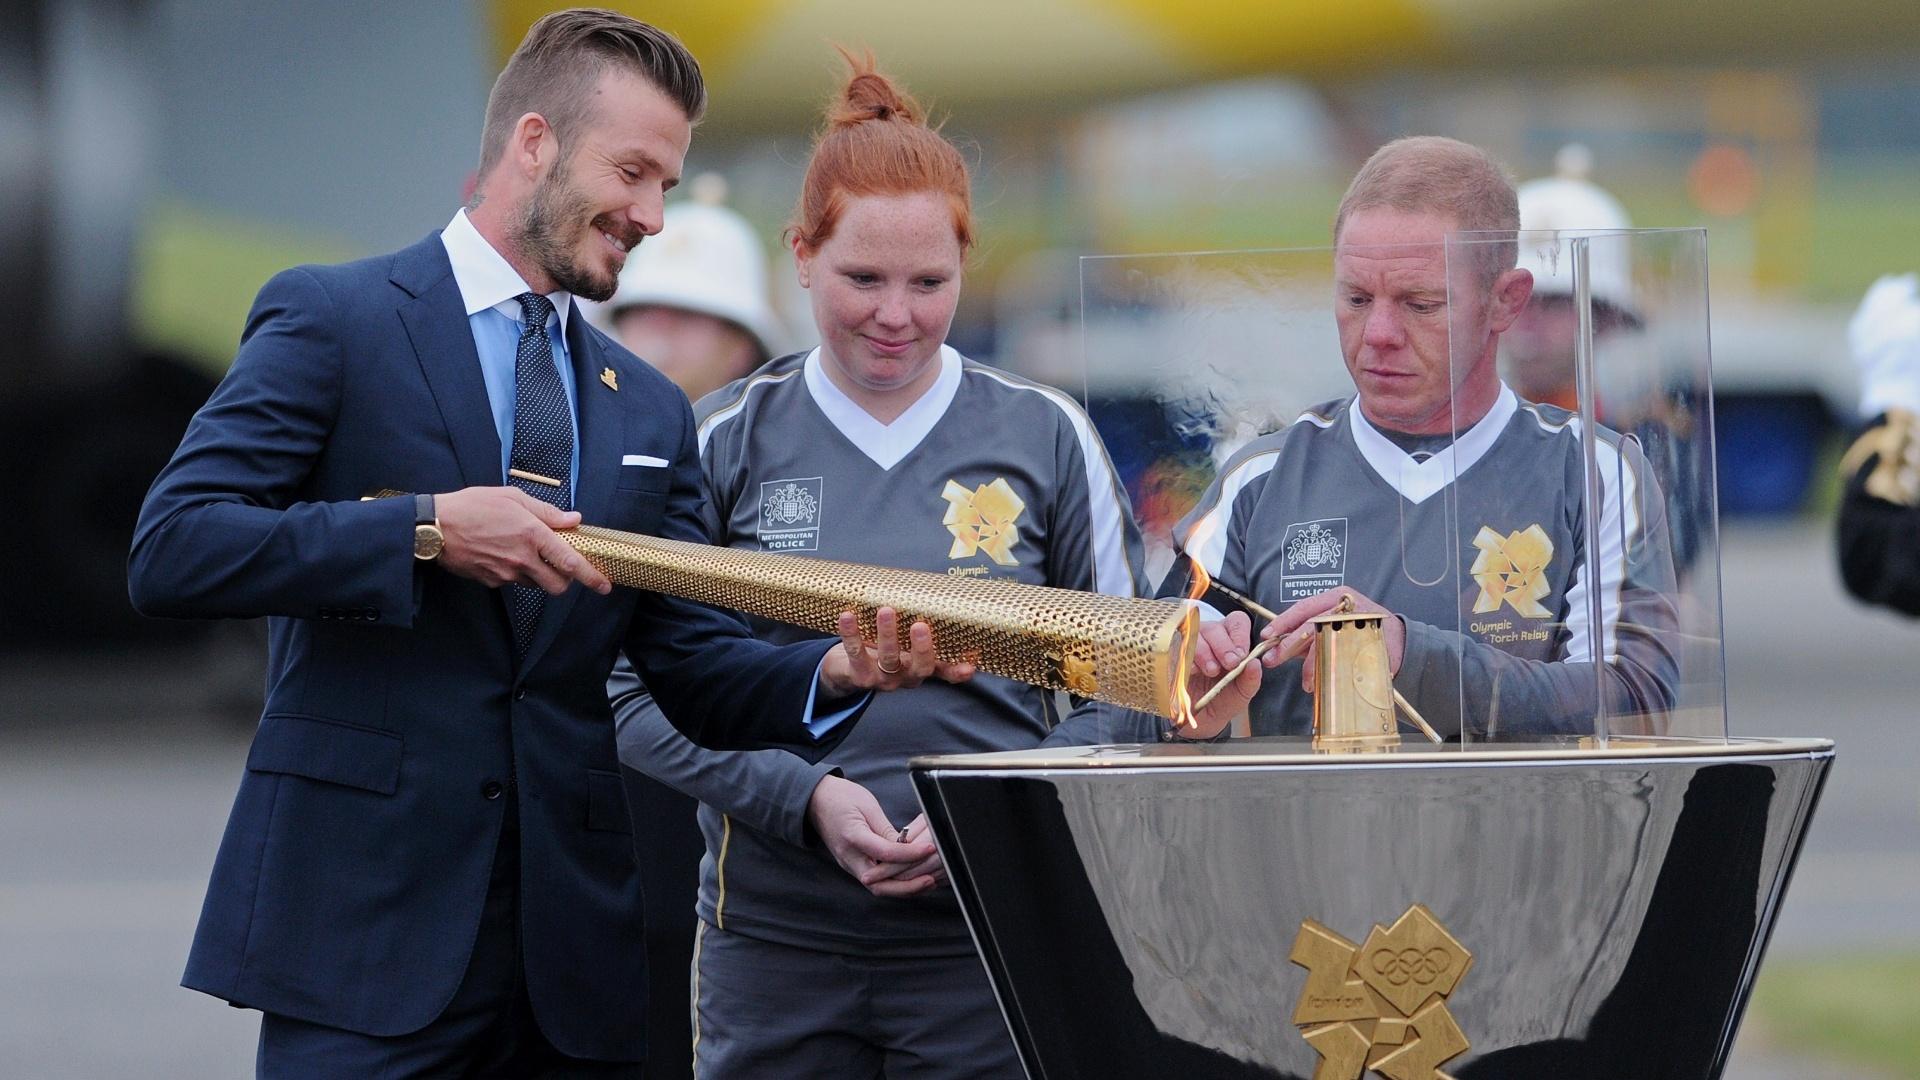 Já em solo britânico, Beckham ilumina uma das piras com o fogo olímpico